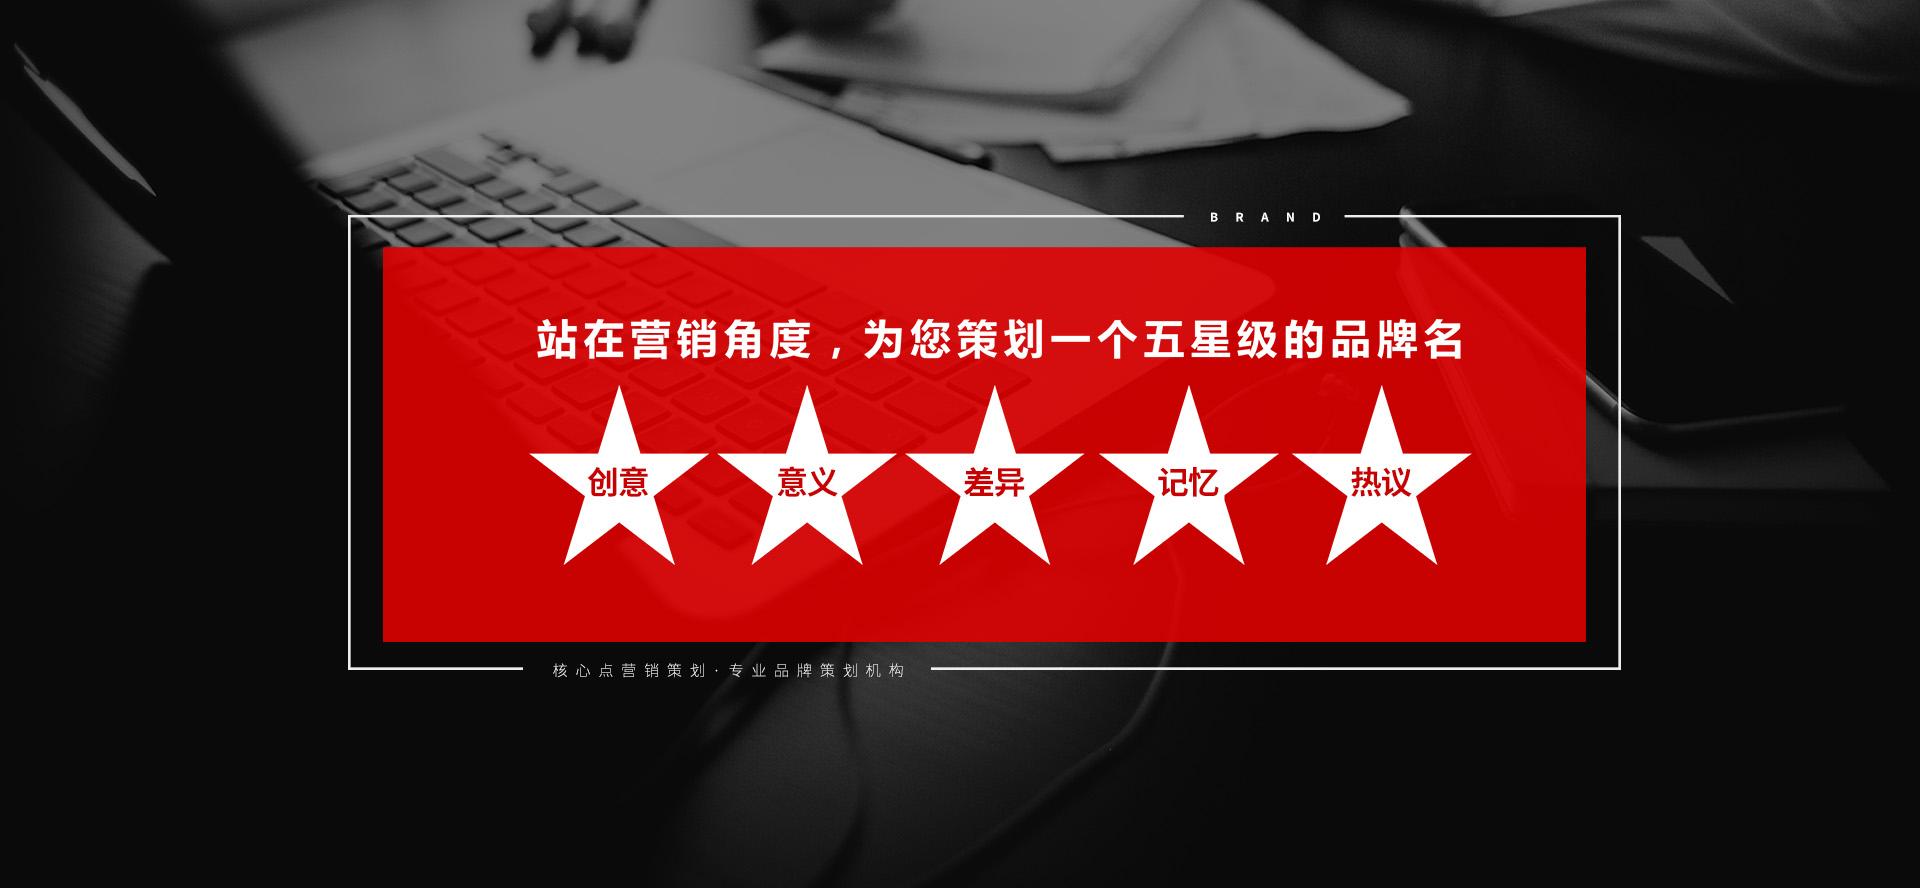 武汉品牌策划公司